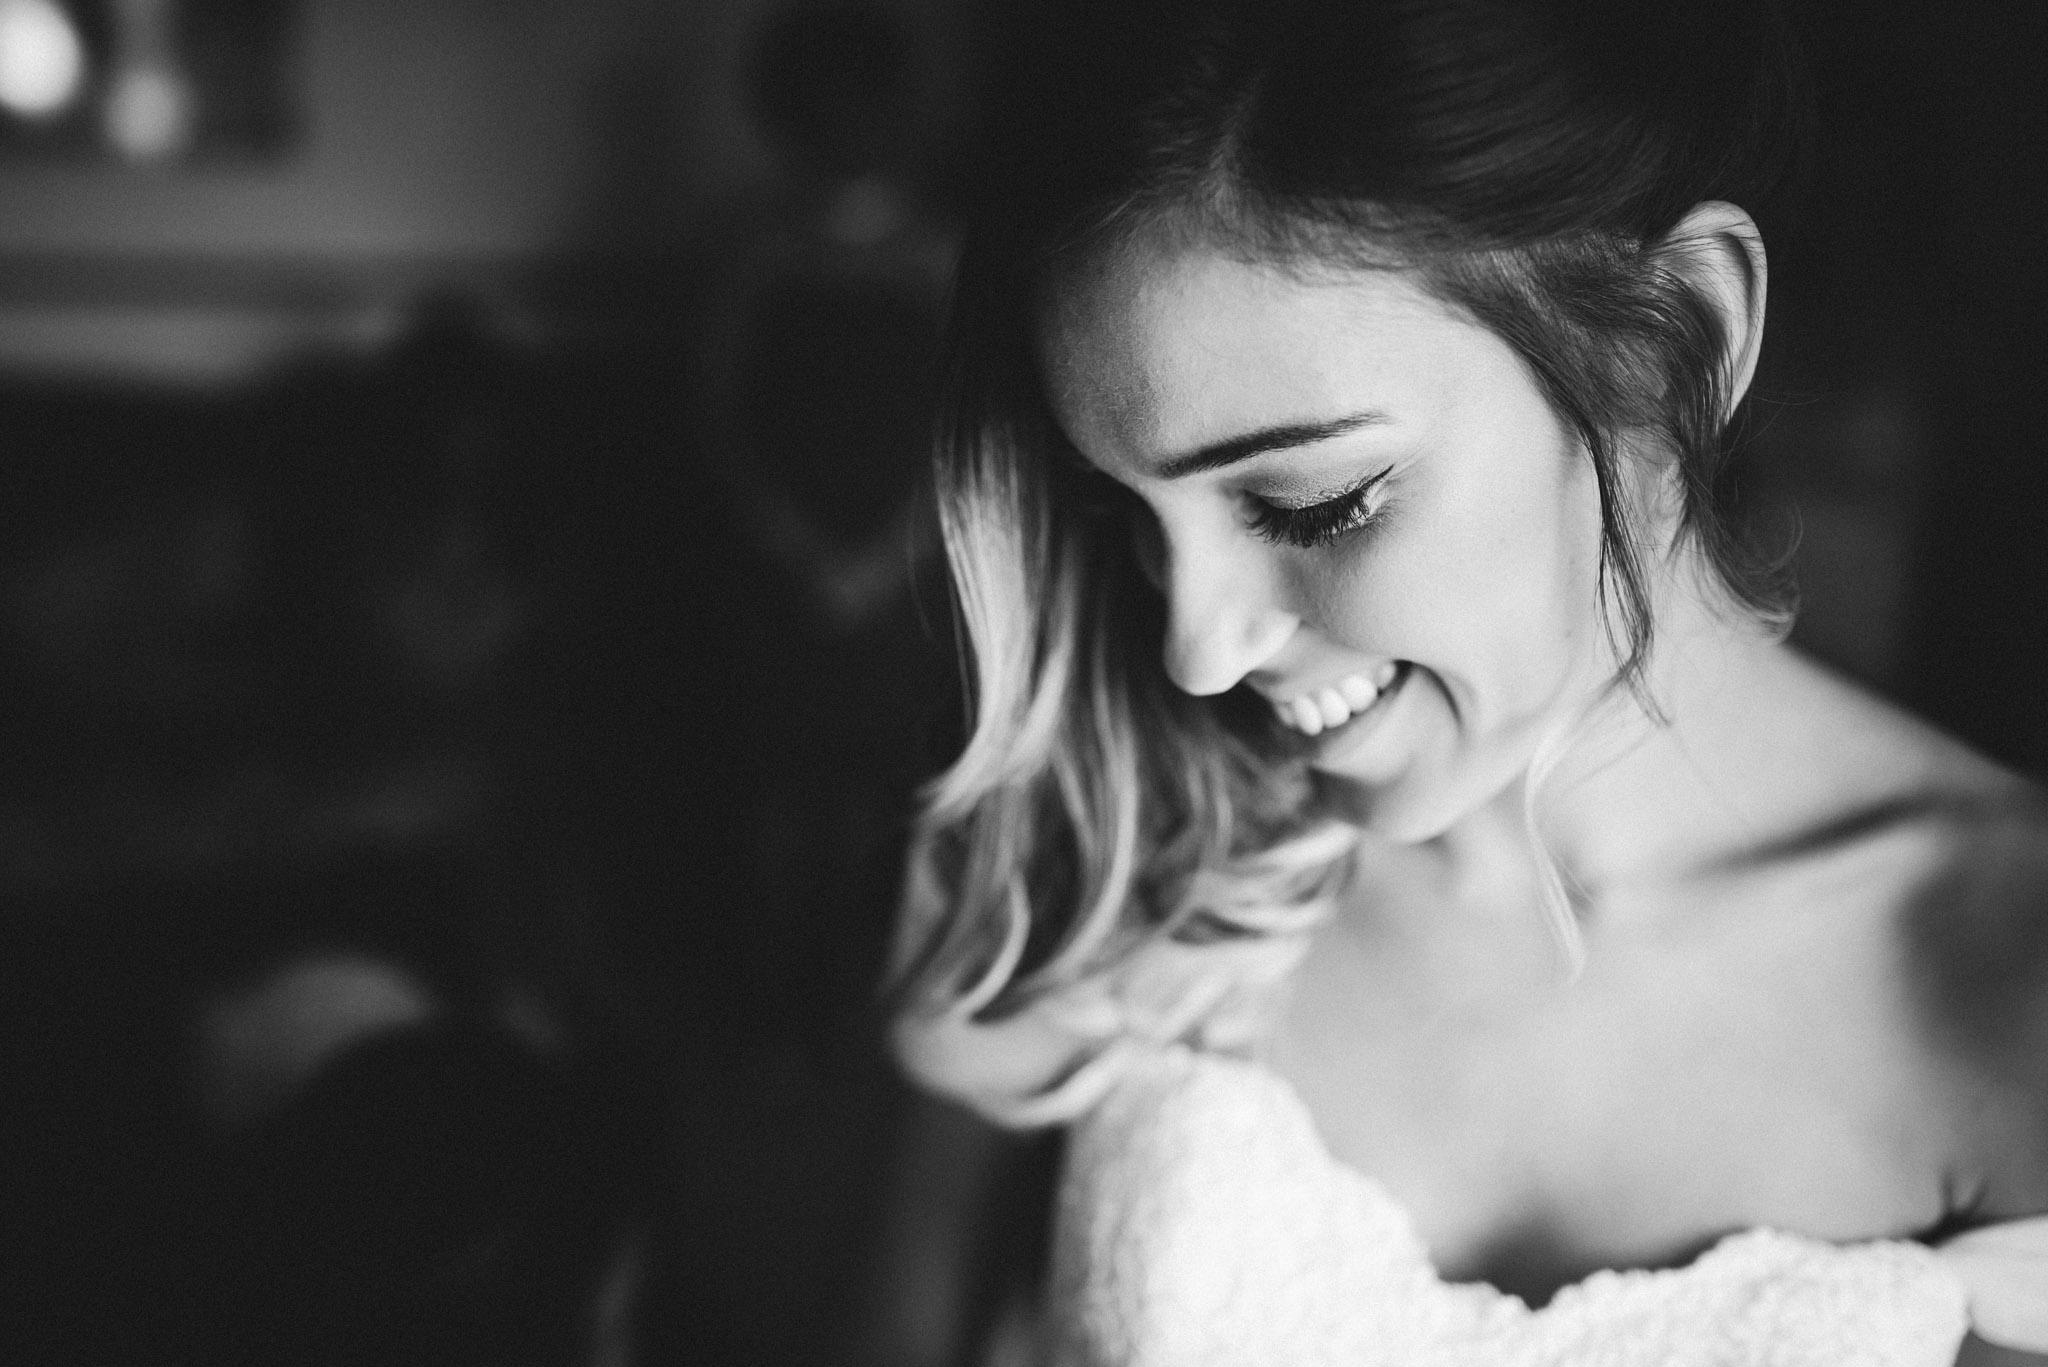 scott-stockwell-wedding-photographer-wood-norton-evesham055.jpg